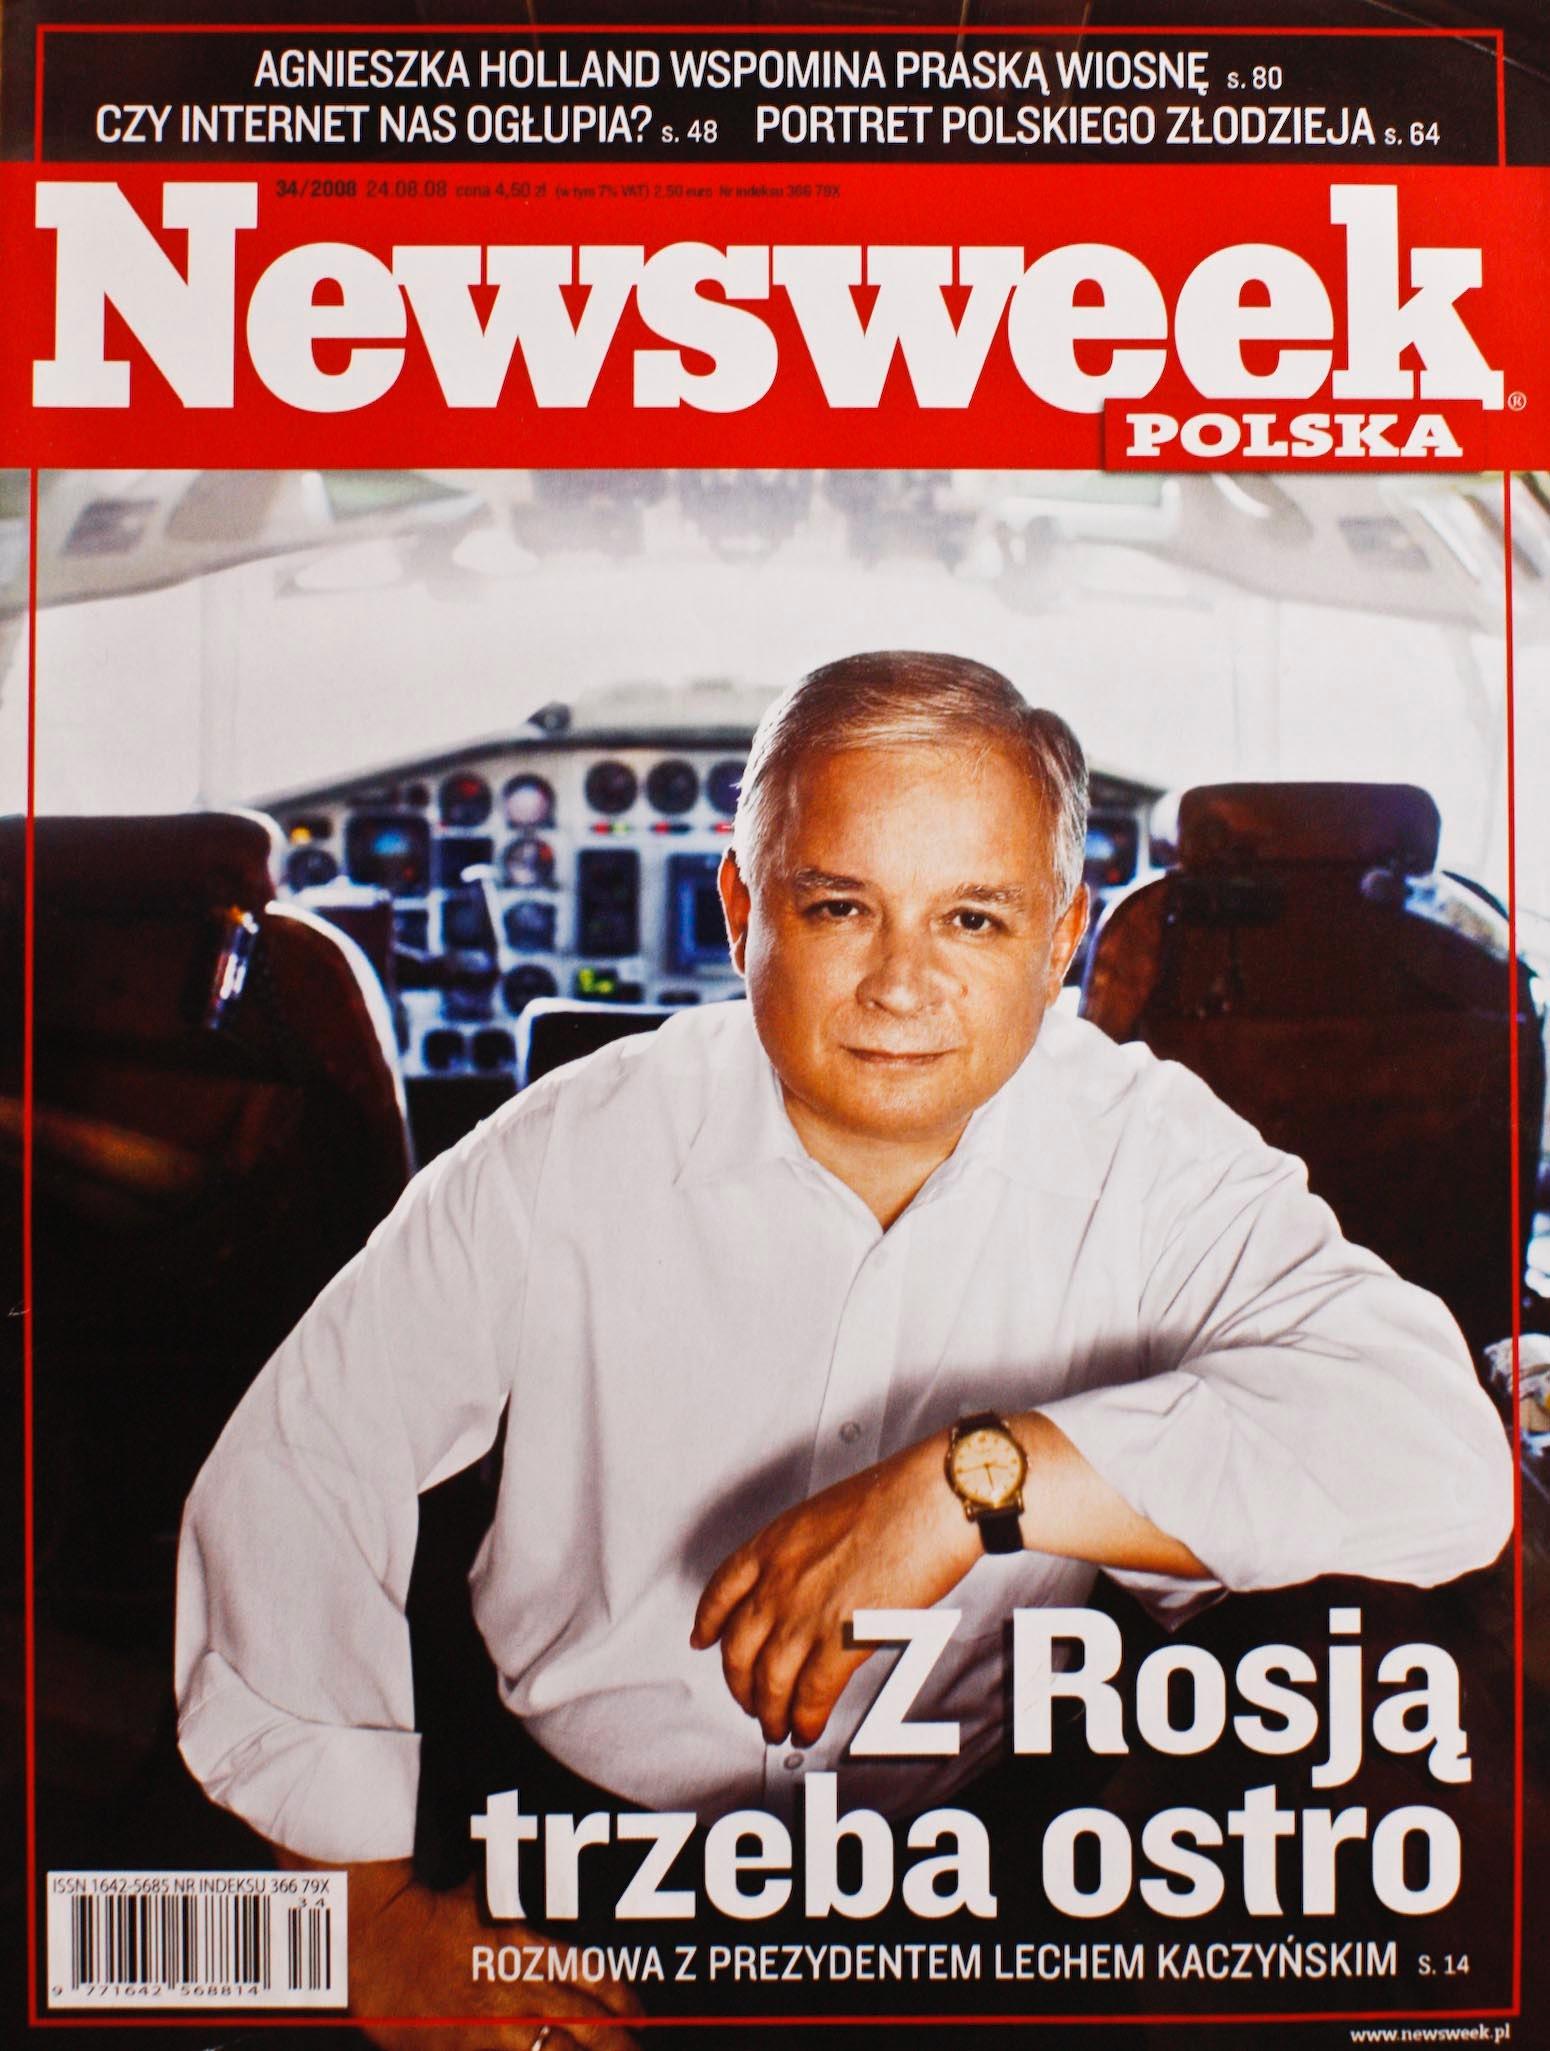 NEWSWEEK 34/2008